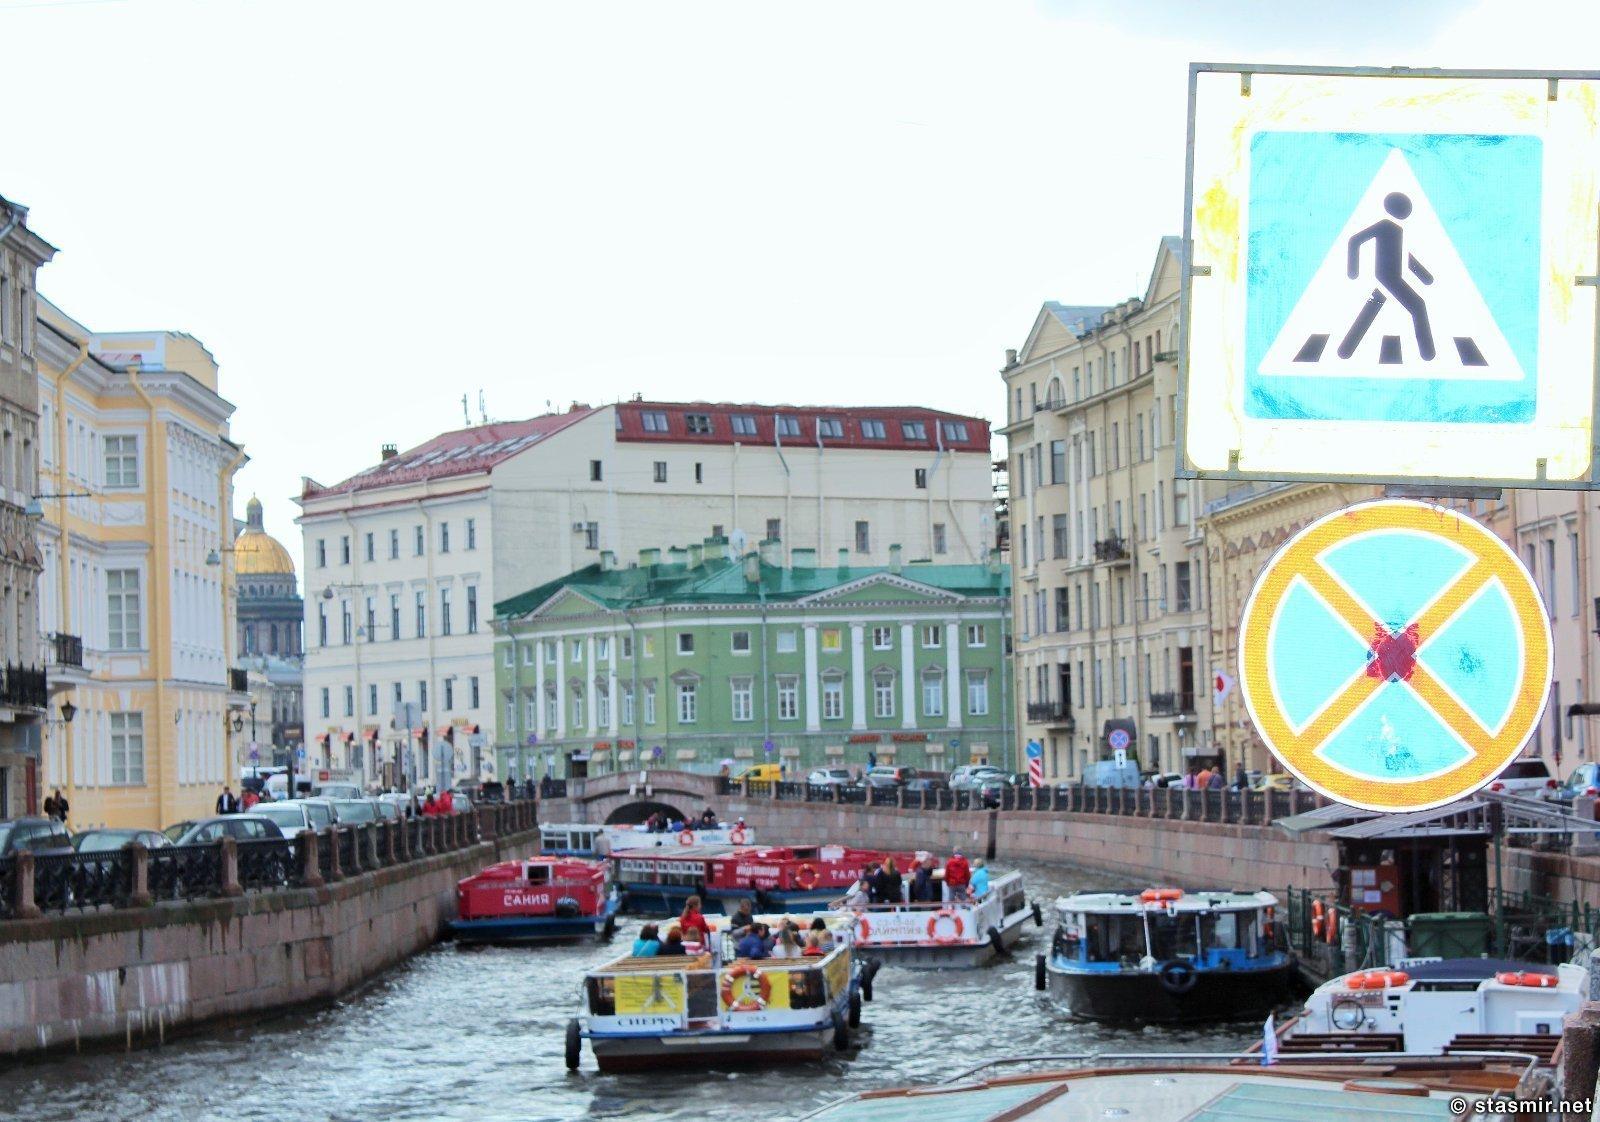 Питер, Мойка, реки и каналы, дорожные знаки, Photo Stasmir, фото Стасмир